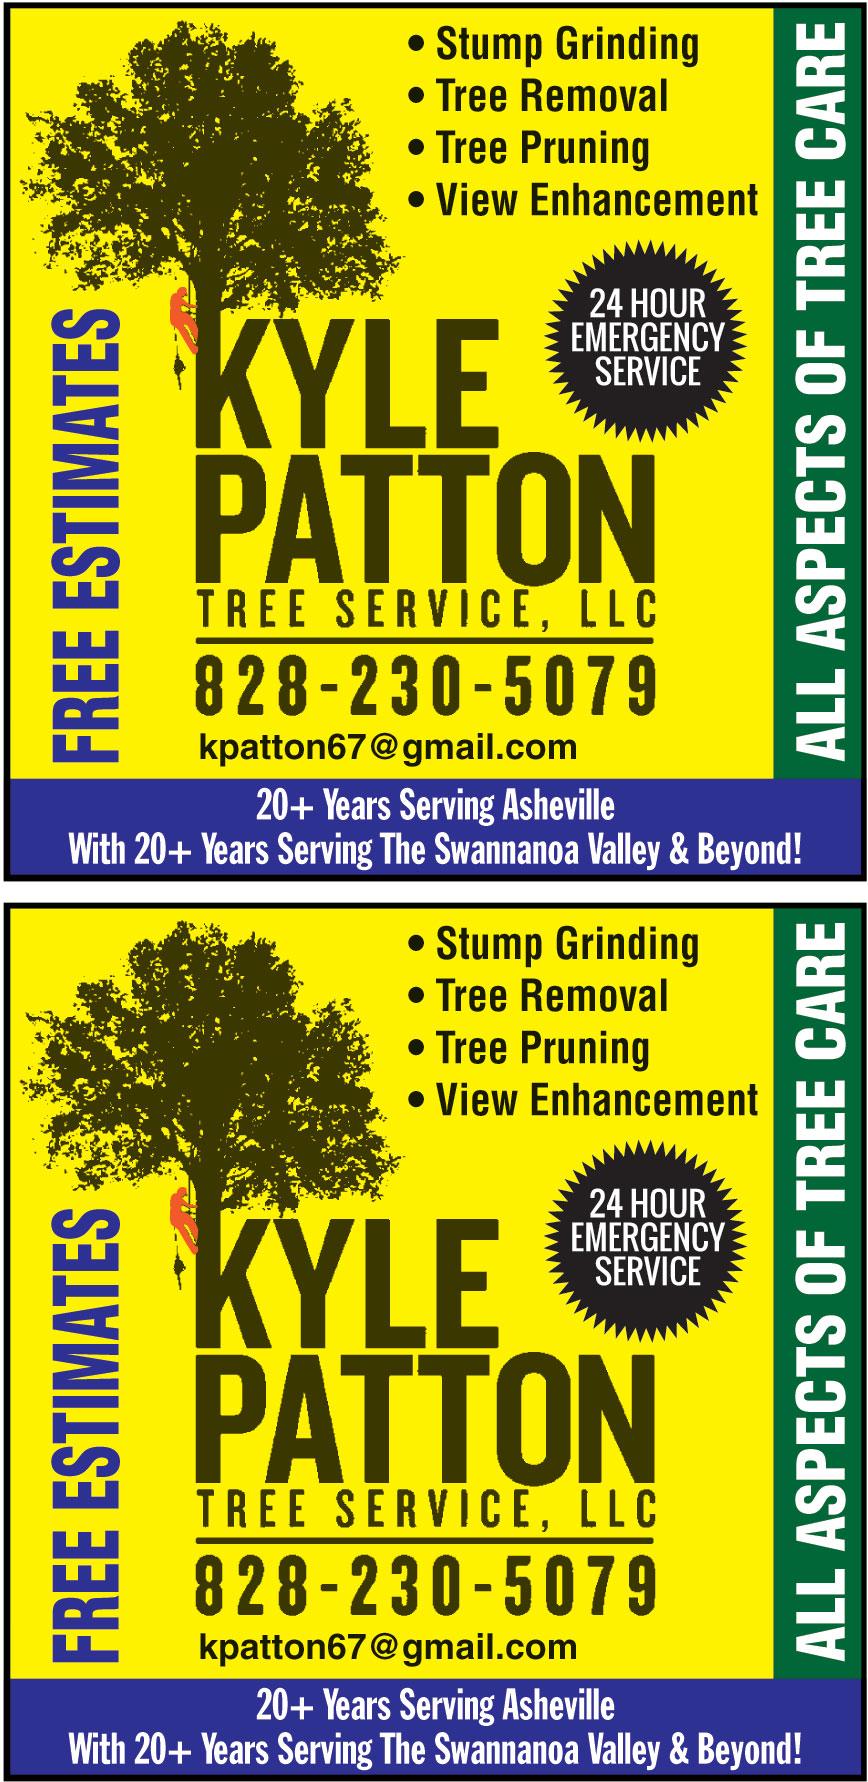 KYLE PATTON TREE SERVICE